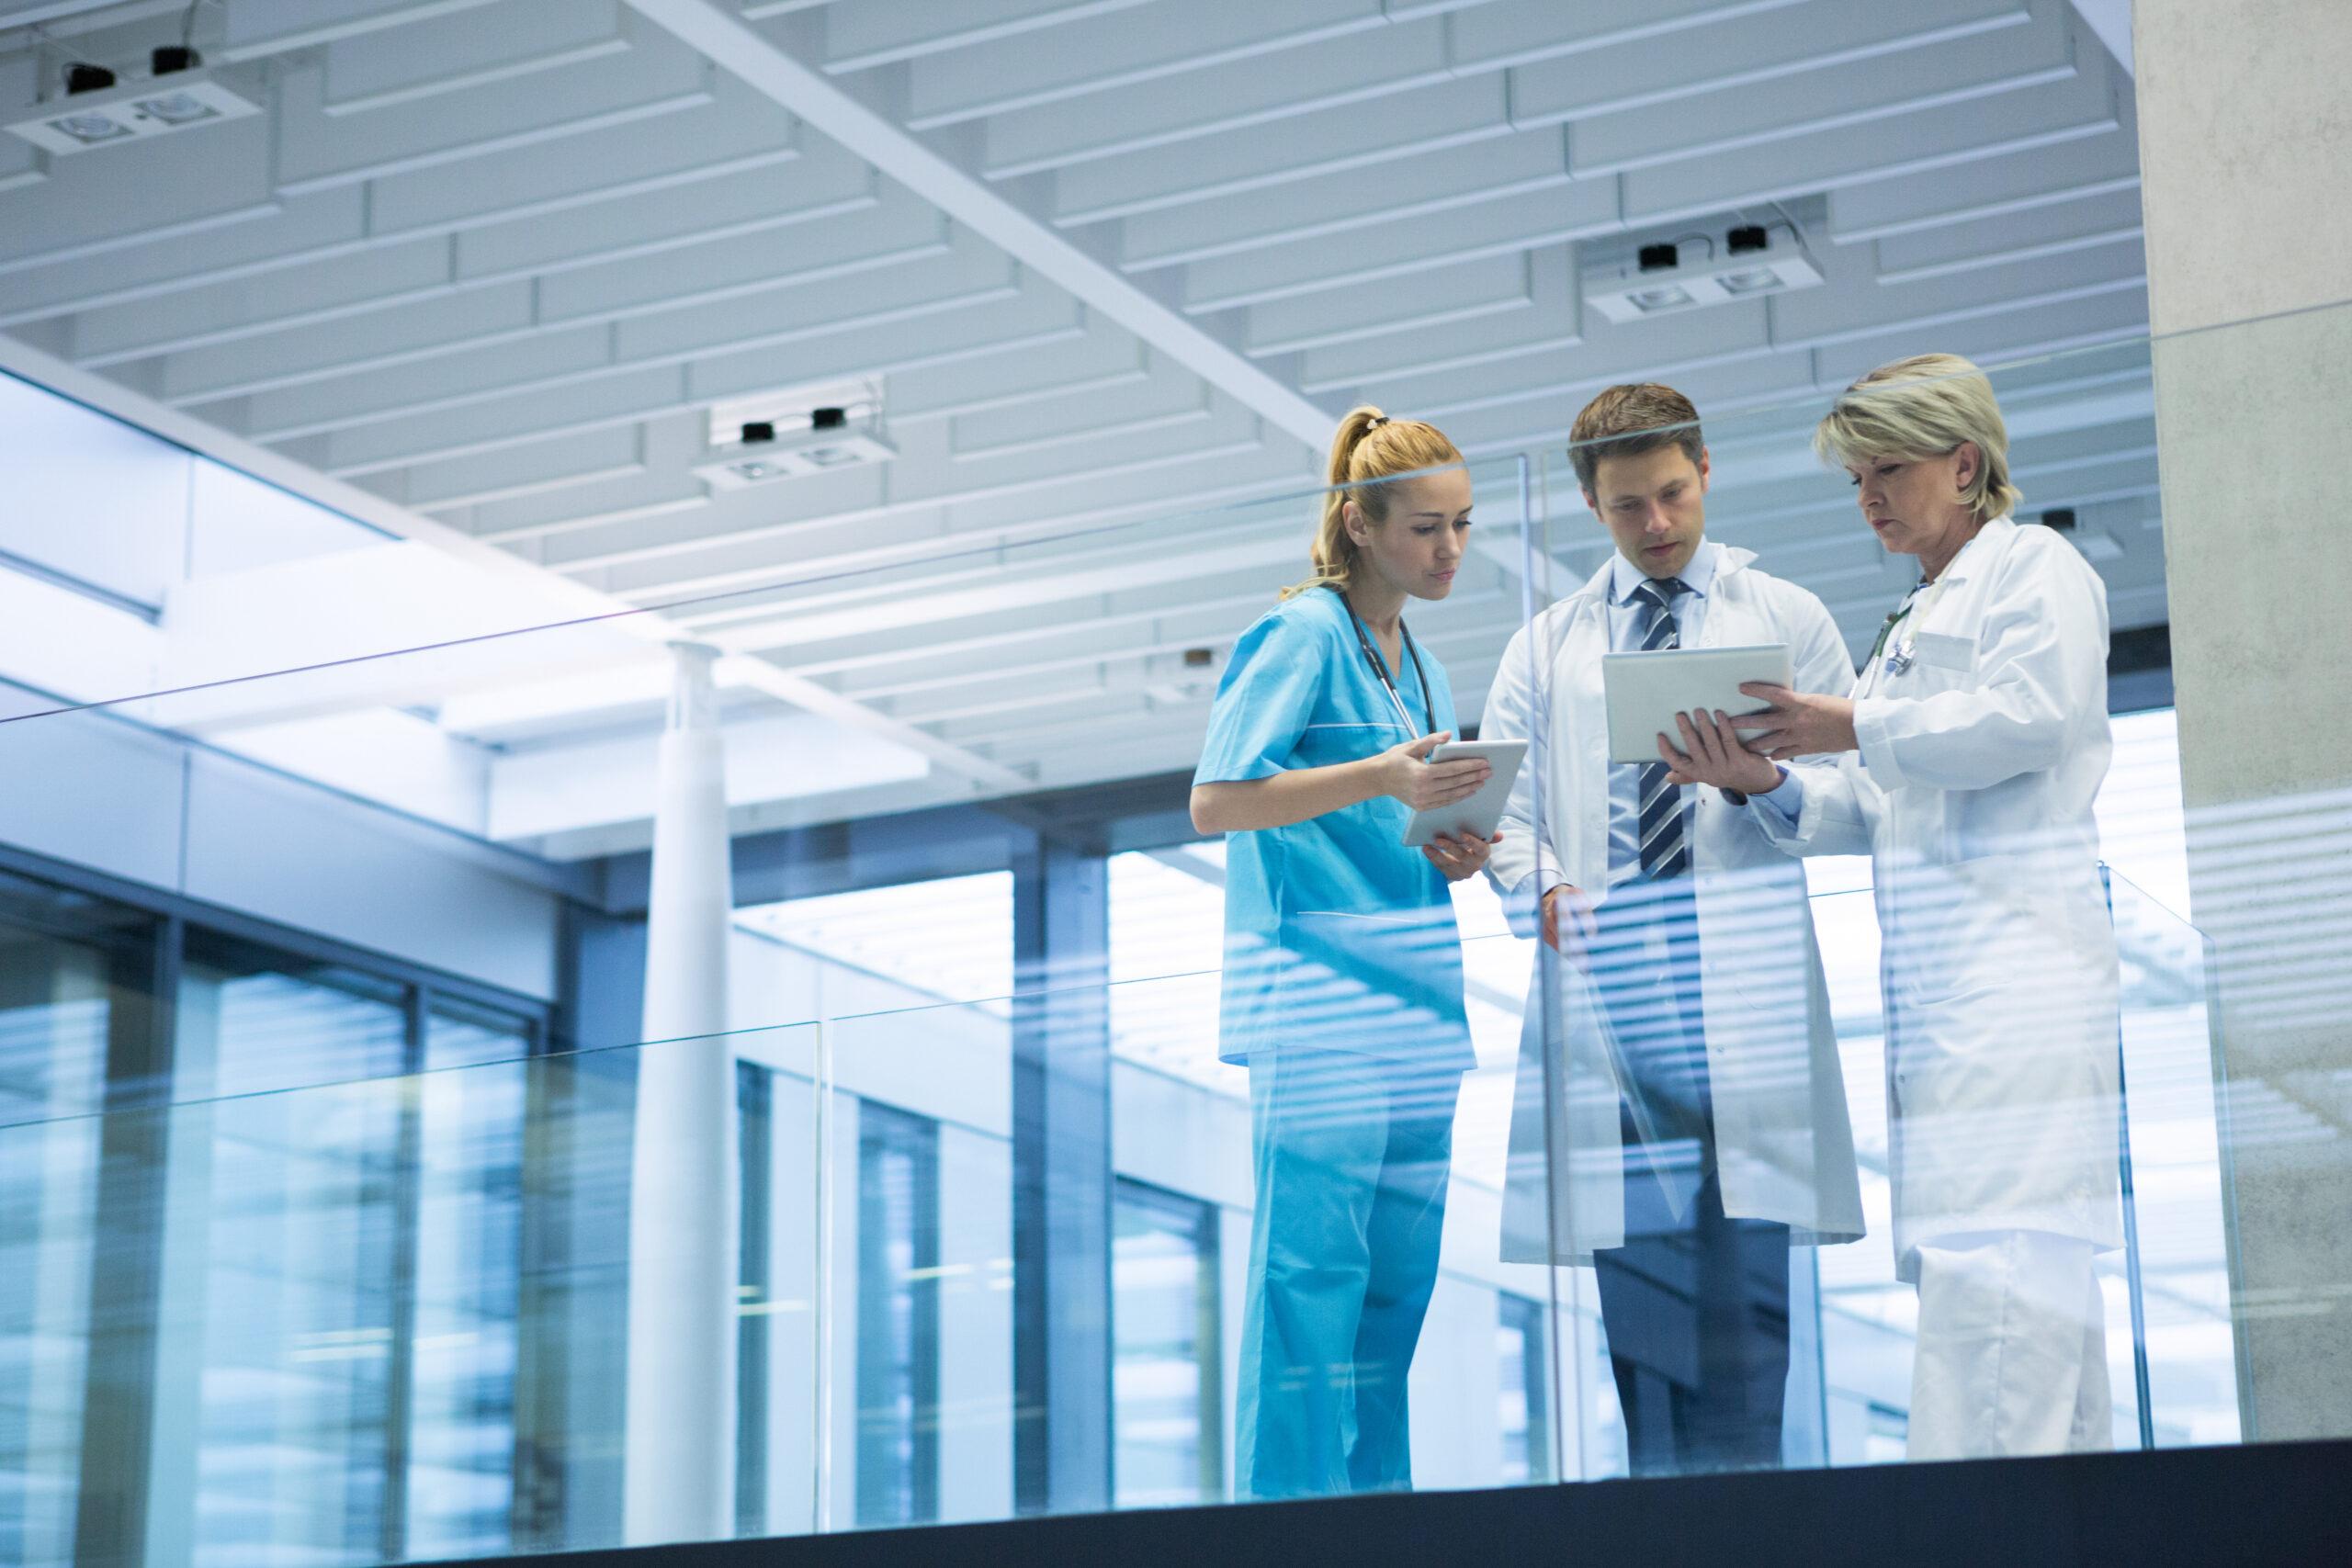 medical team discussing